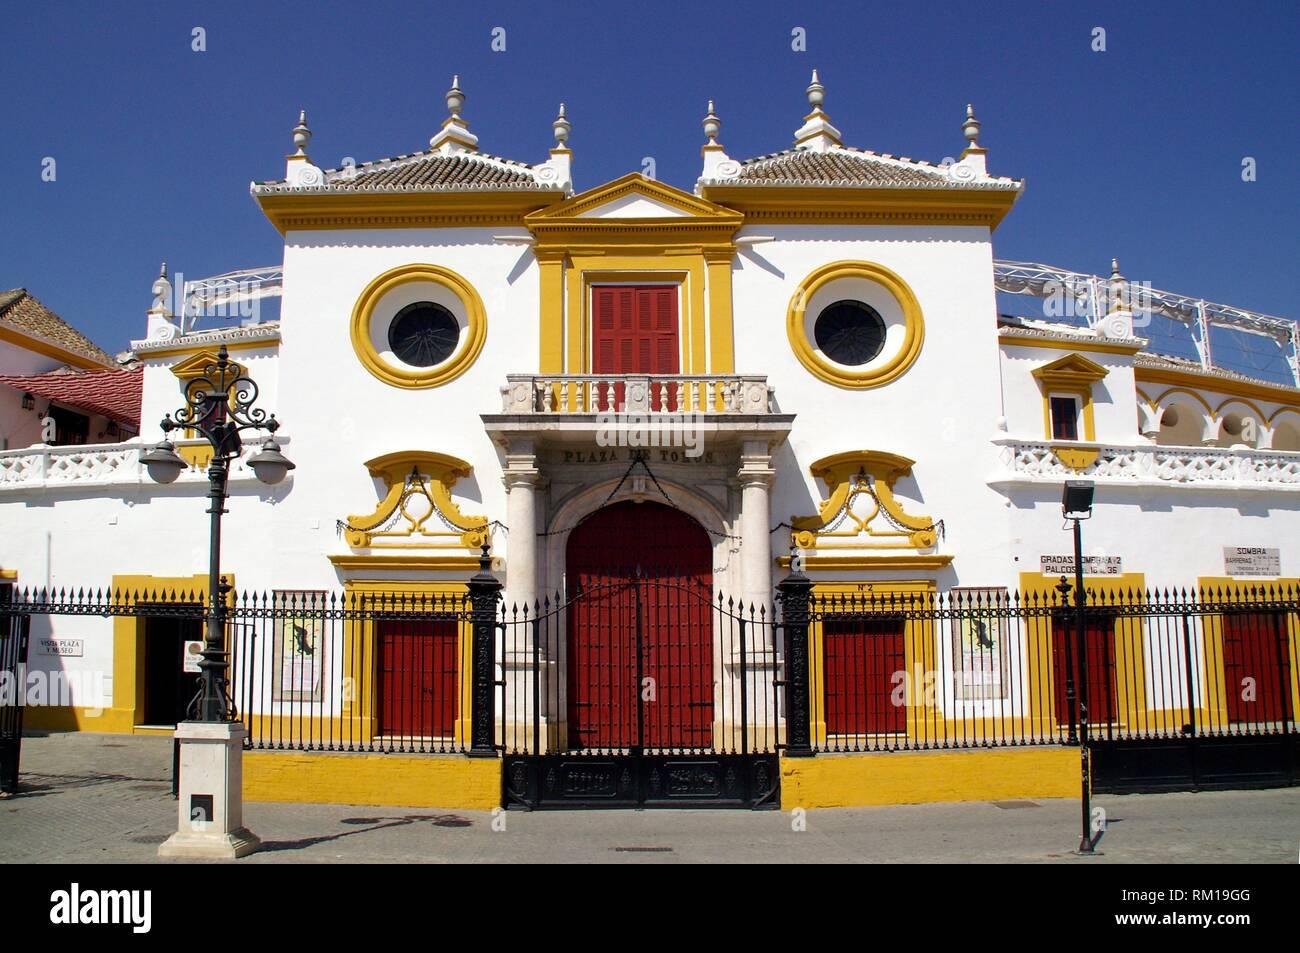 Sevilla (Spain). Real Maestranza de Caballería de Sevilla. - Stock Image